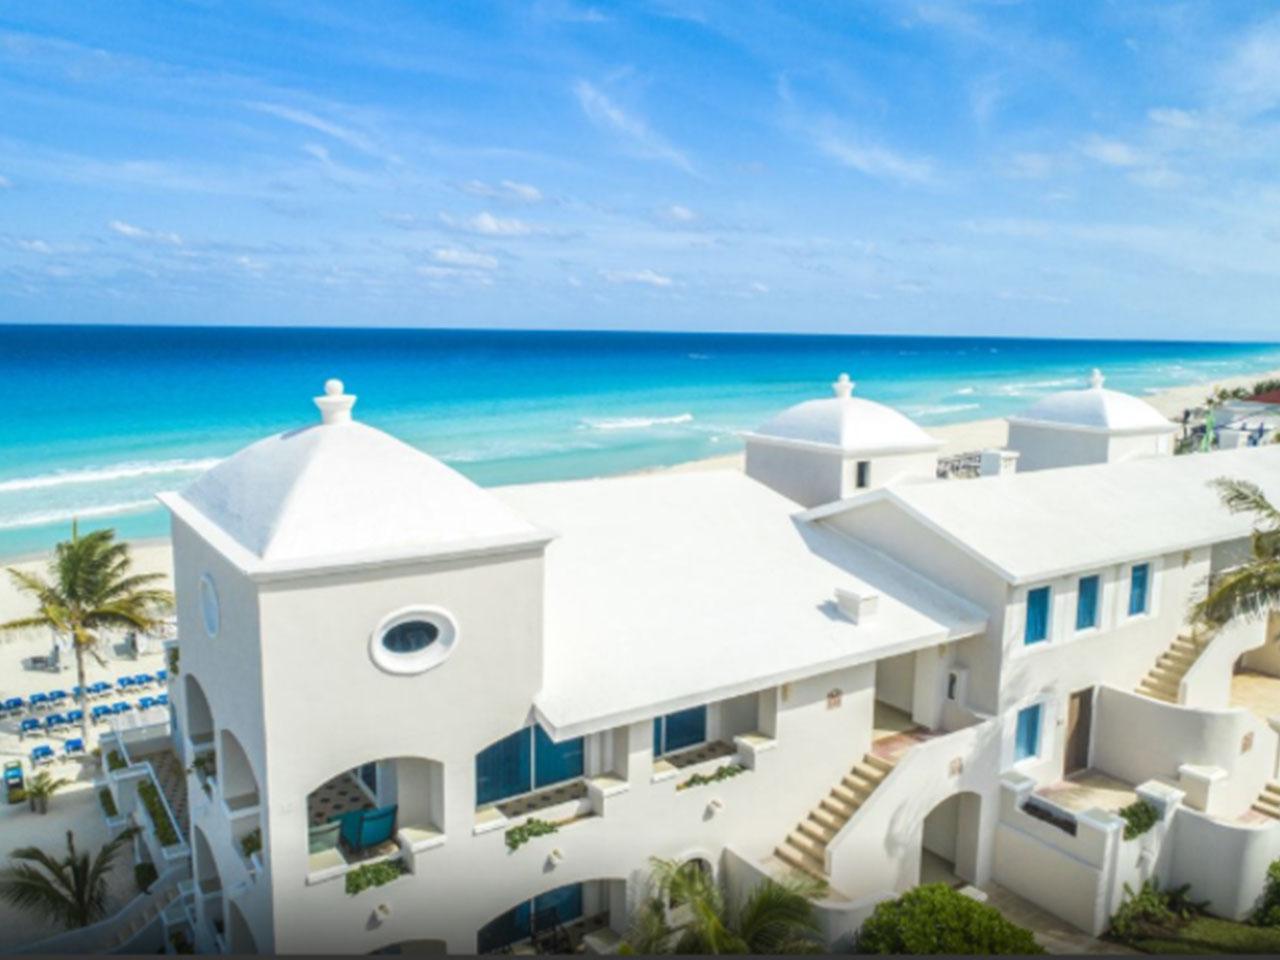 wedding Planner en Monterrey, Boda en la playa, Las mejores bodas en la playa en México -wedding Planner en Monterrey, Boda en la playa, Las mejores bodas en la playa en México -Paquete 1: Mi gran boda en la playa